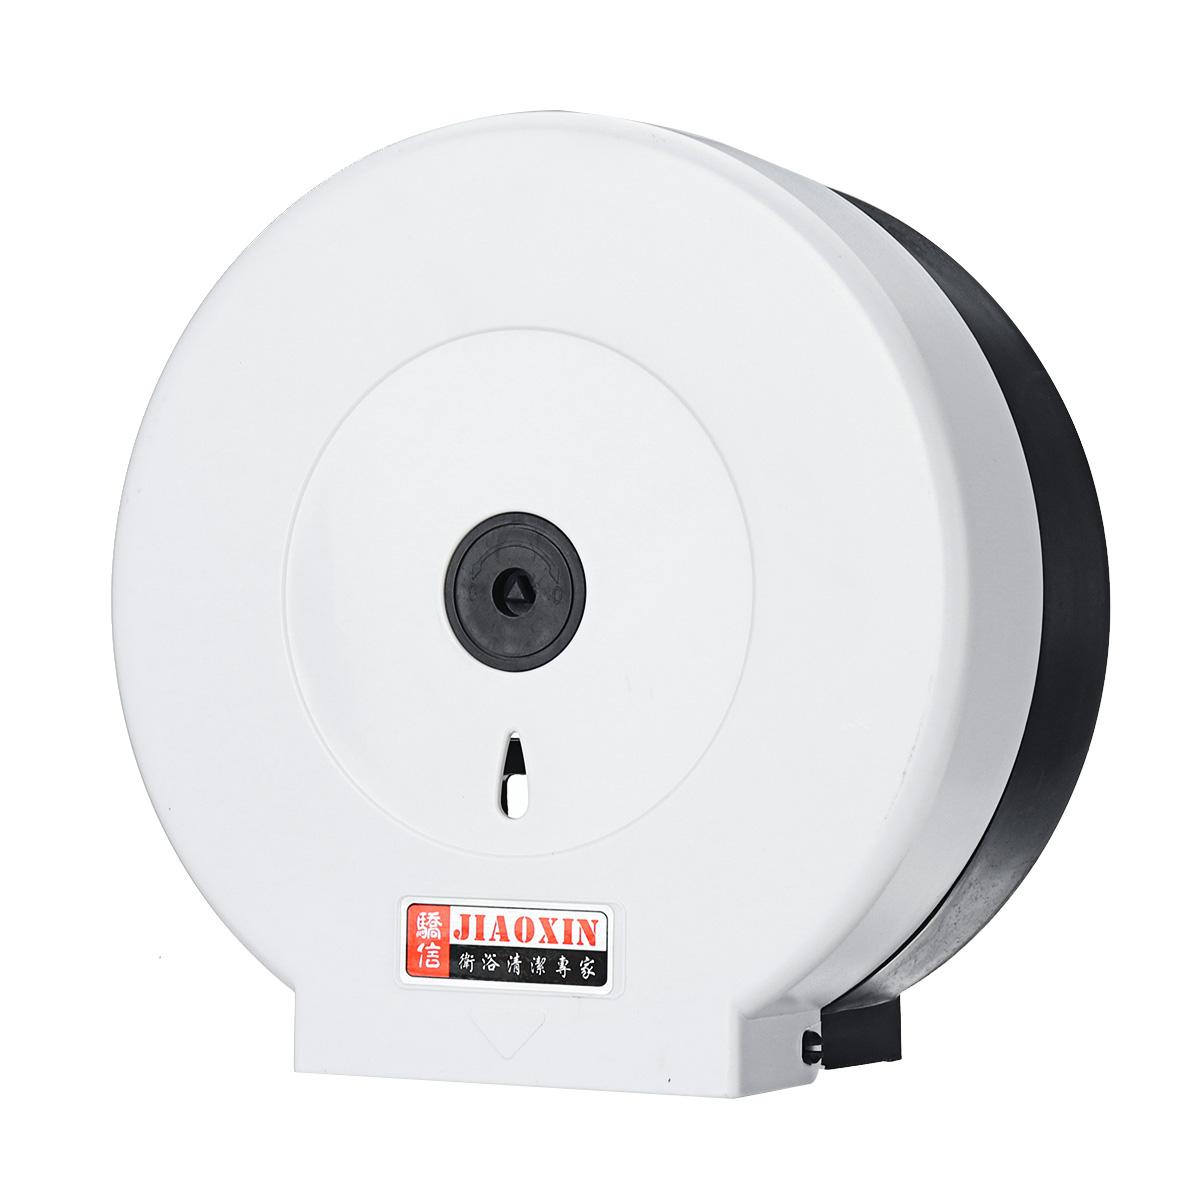 Черный / белый НАСТЕННЫЙ Пластиковый держатель для туалетной бумаги большой рулон запирается